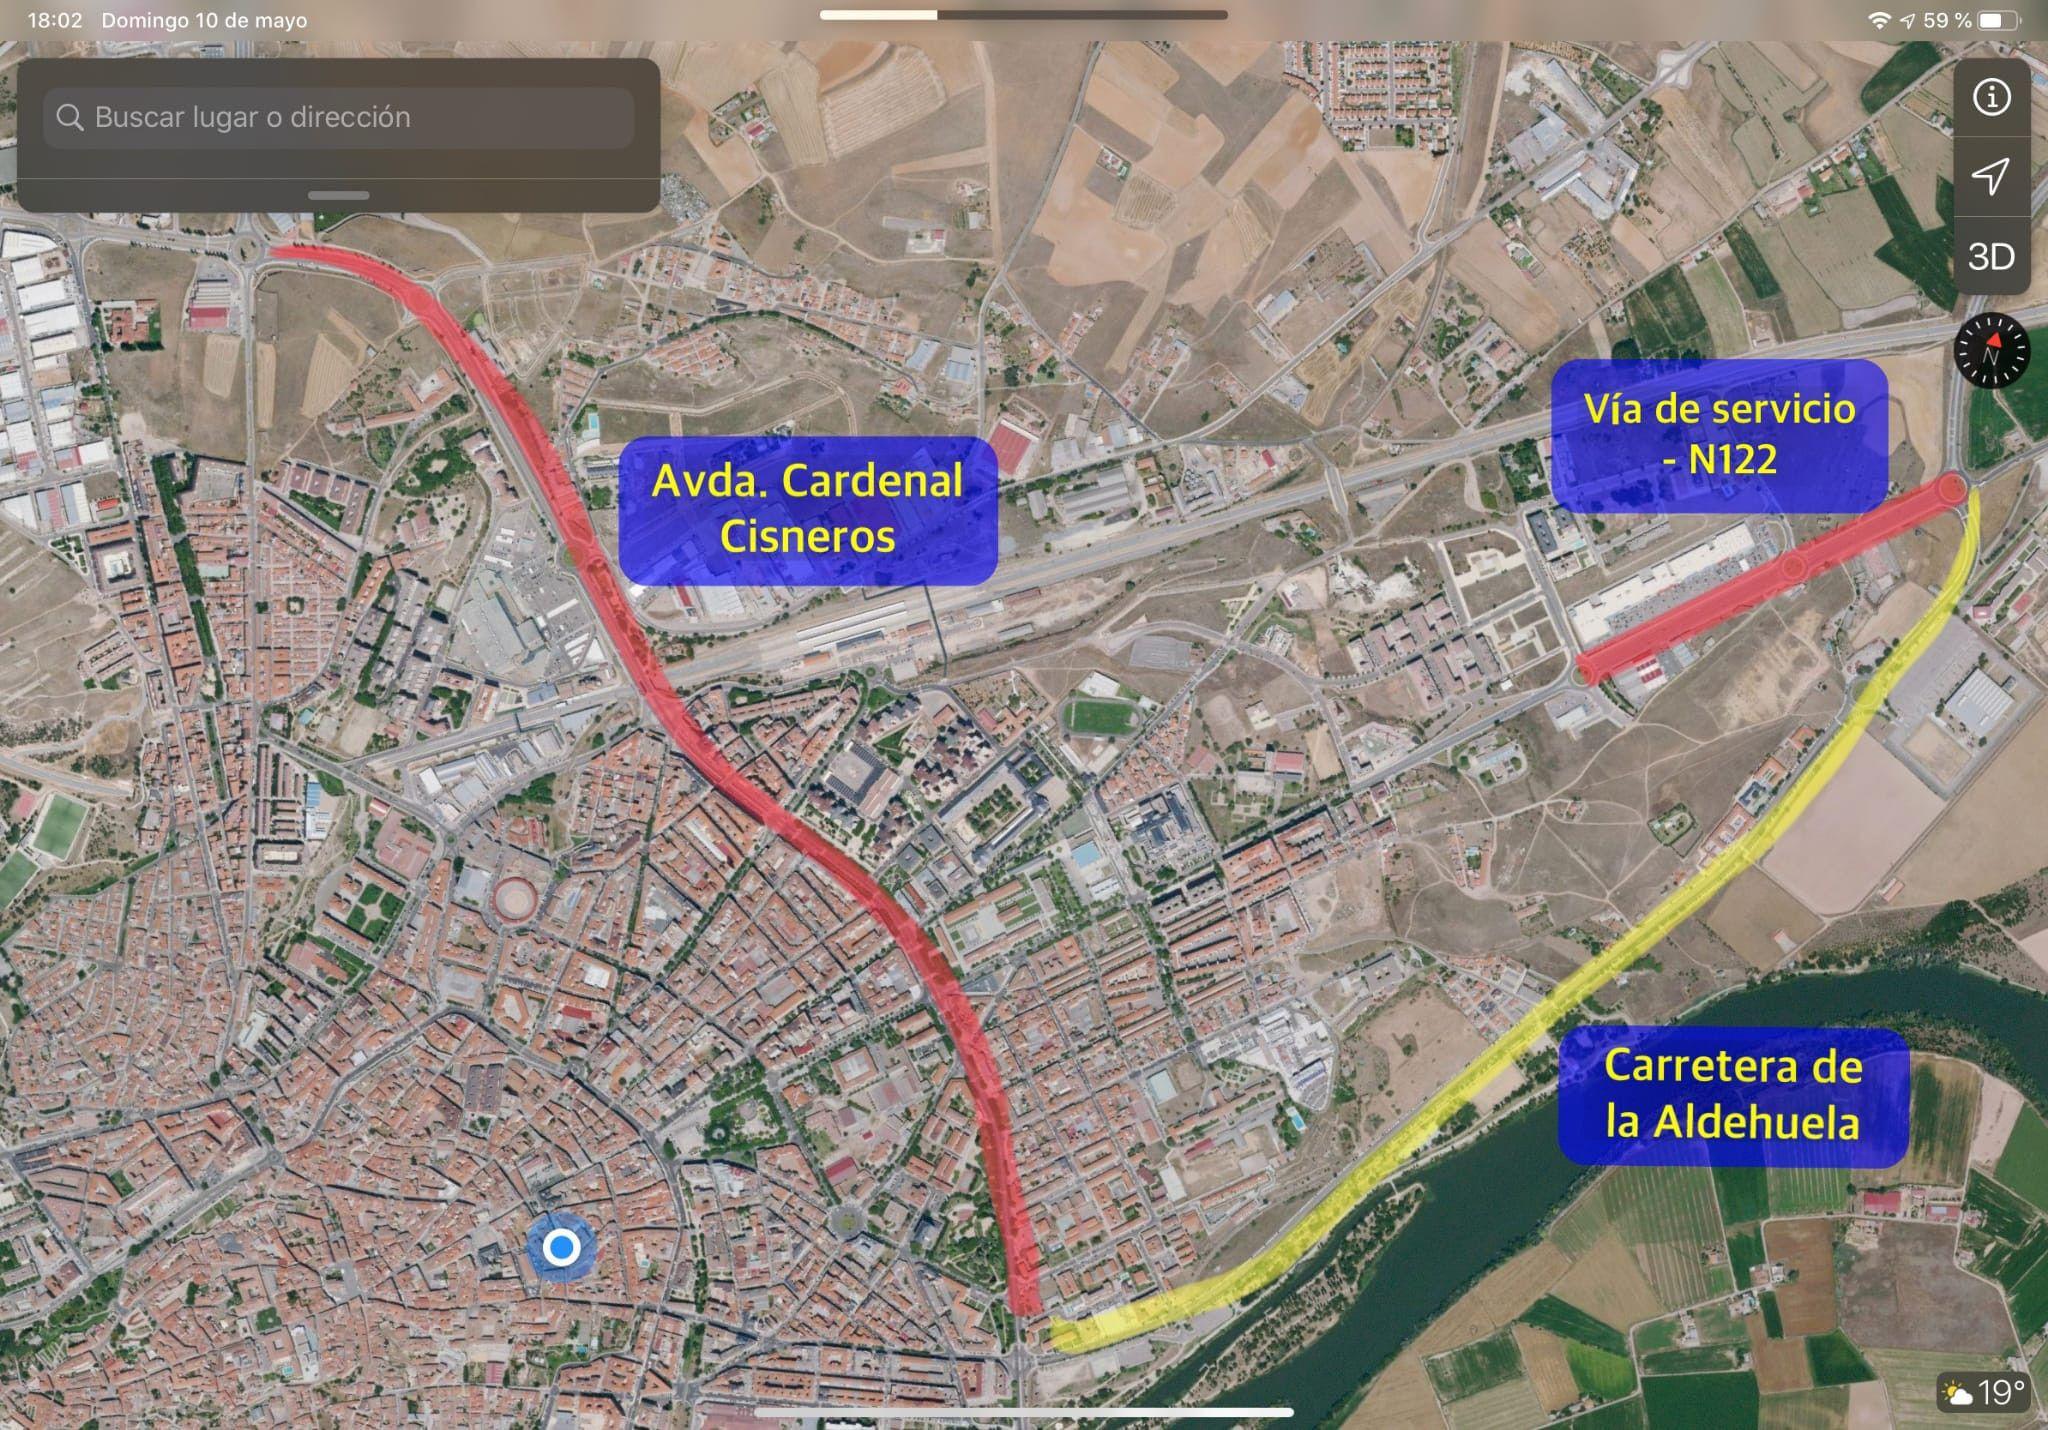 2  Aldehuela  Cardenal Cisneros  Vu00eda Servicio N122